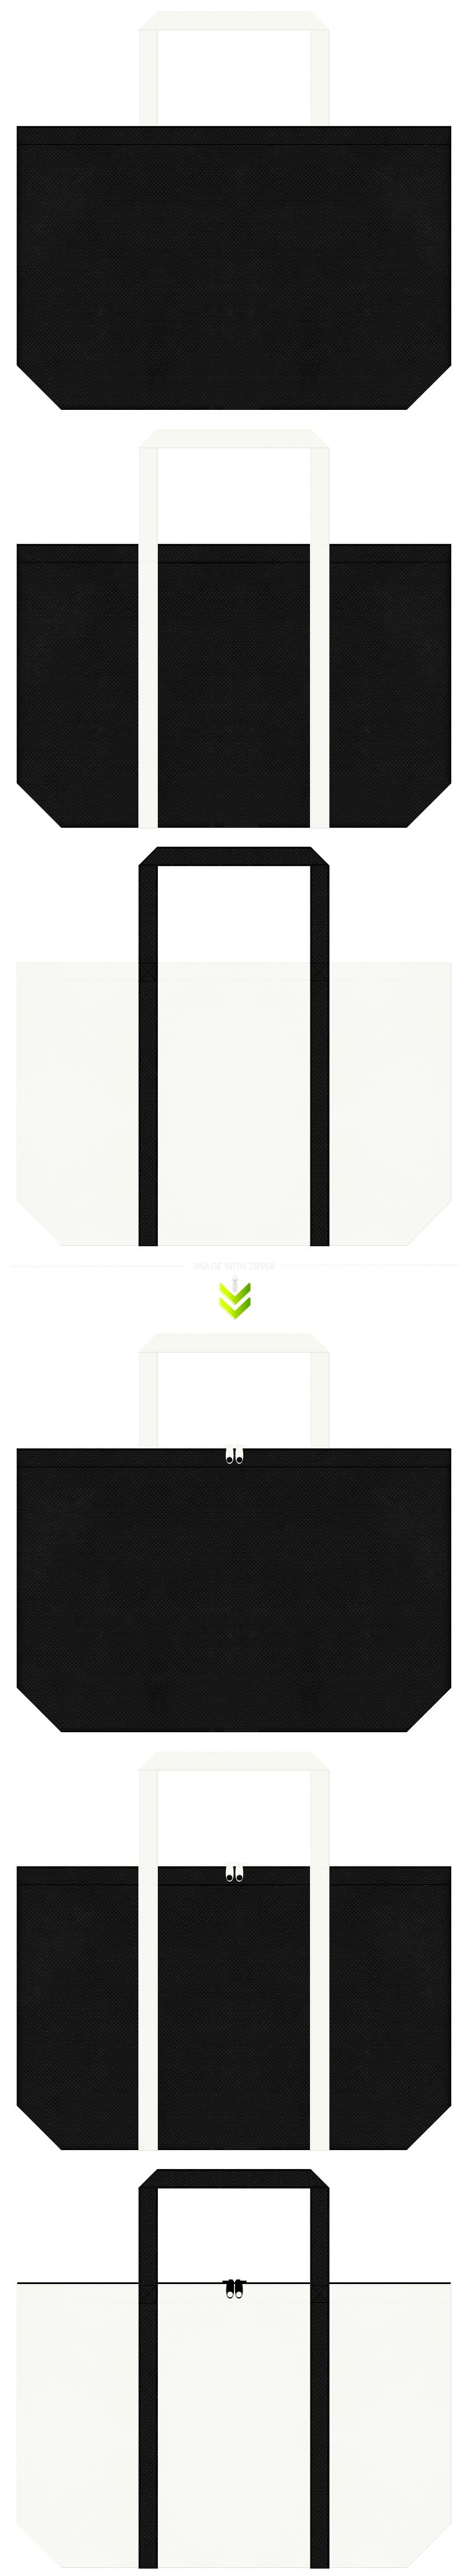 黒色とオフホワイト色の不織布エコバッグのデザイン。ゴスロリファッションのショッピングバッグにお奨めです。